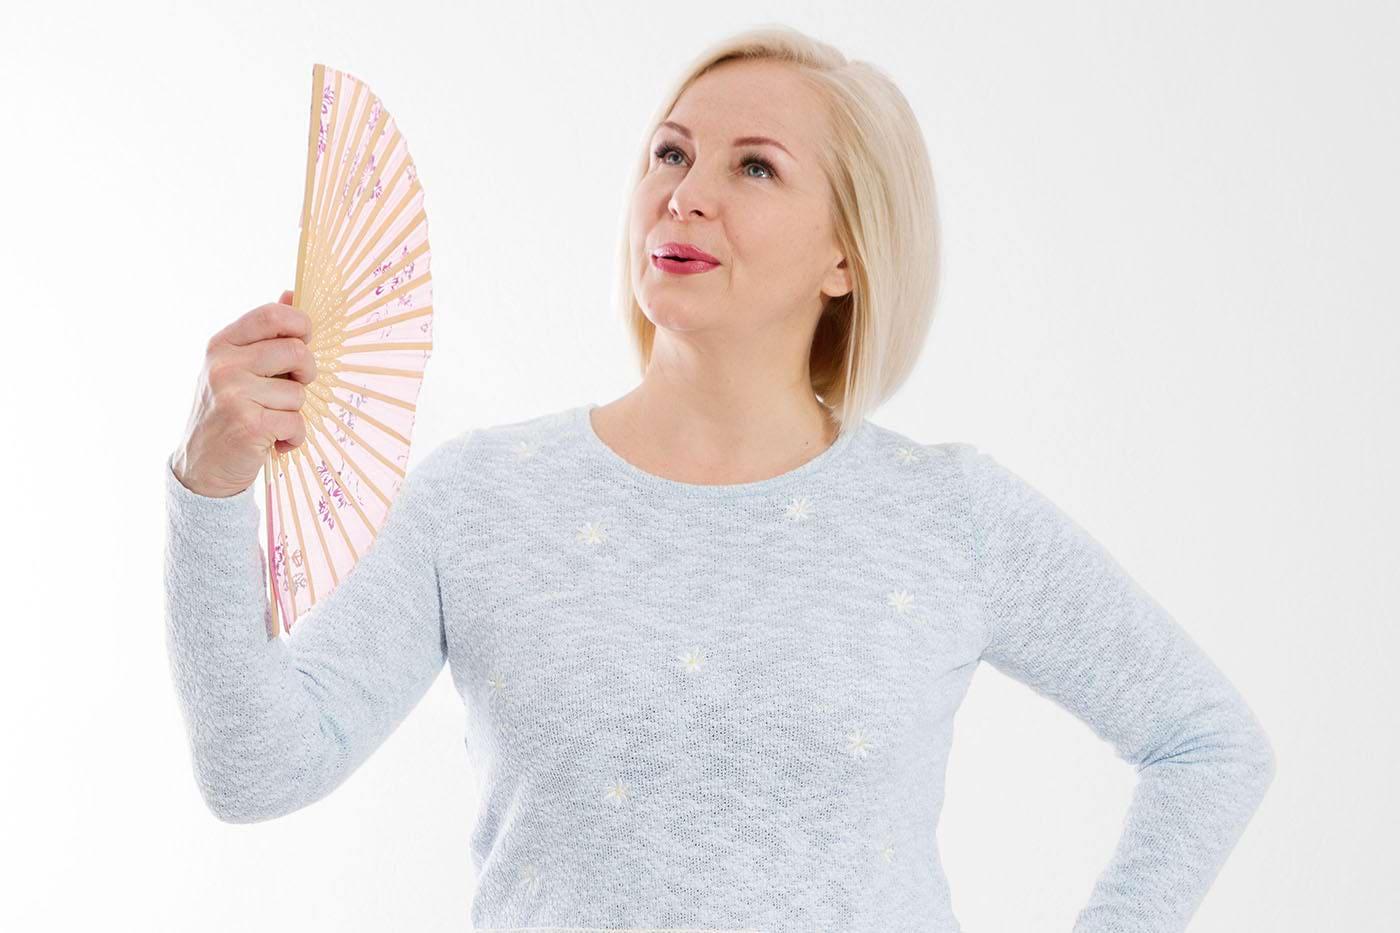 este pierderea în greutate un simptom al menopauzei